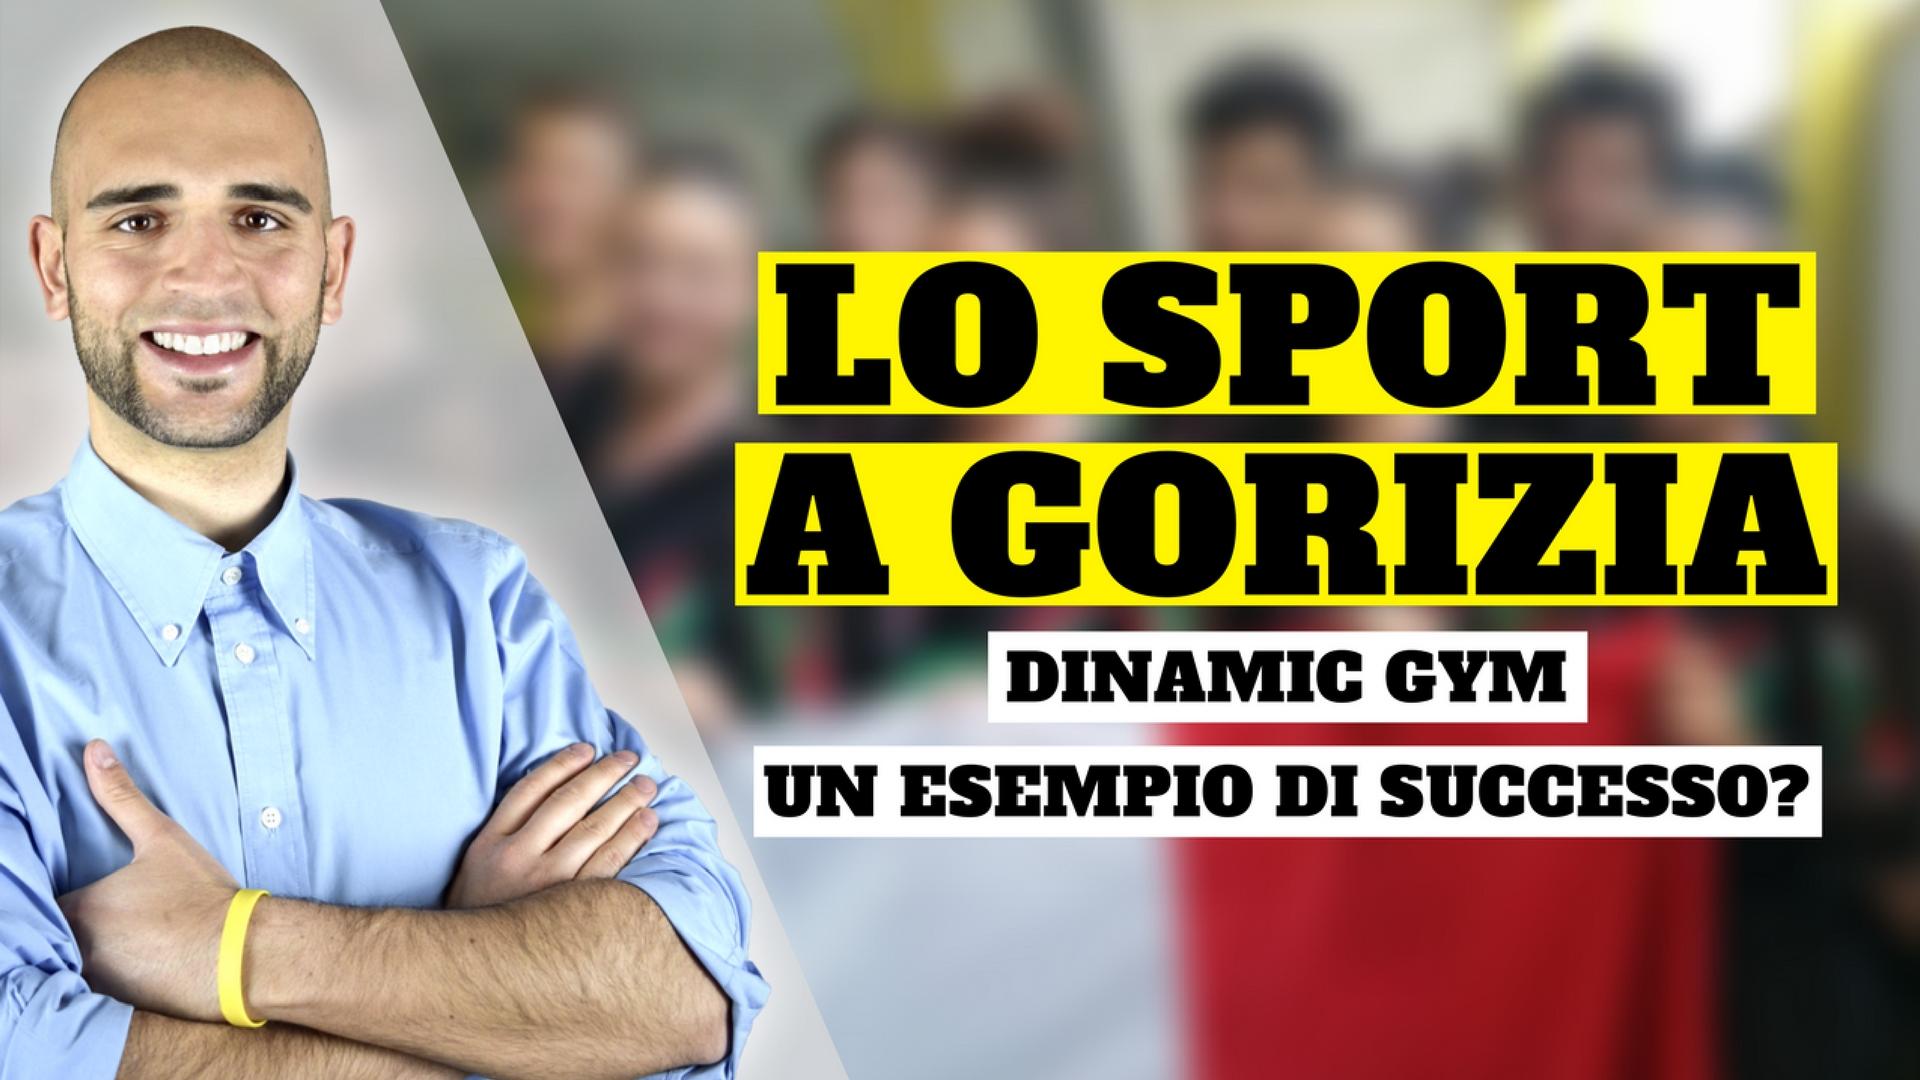 sport gorizia dinamic gym storia di successo intervista ornella padovan